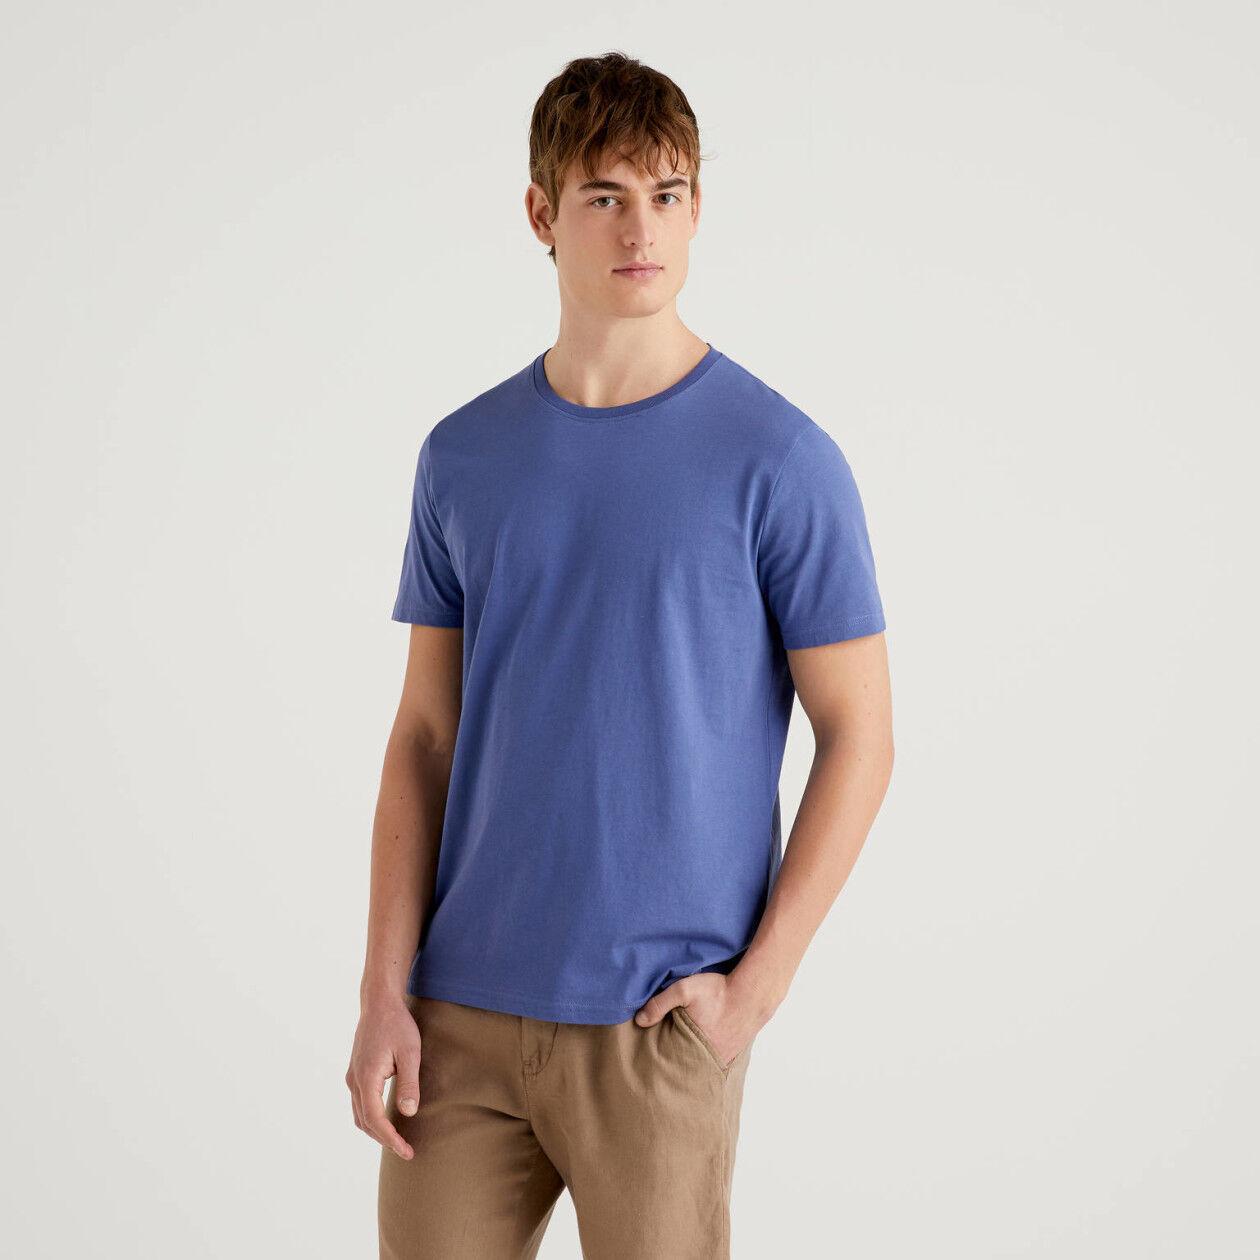 T-shirt azul em algodão puro